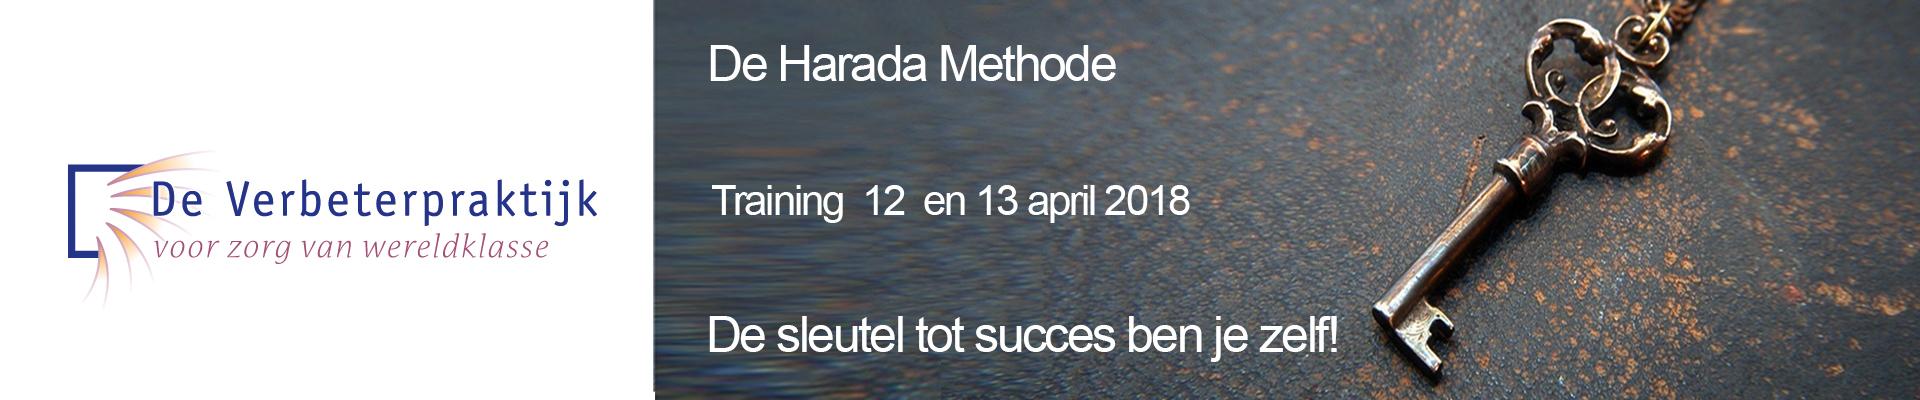 Harada training verwijderen